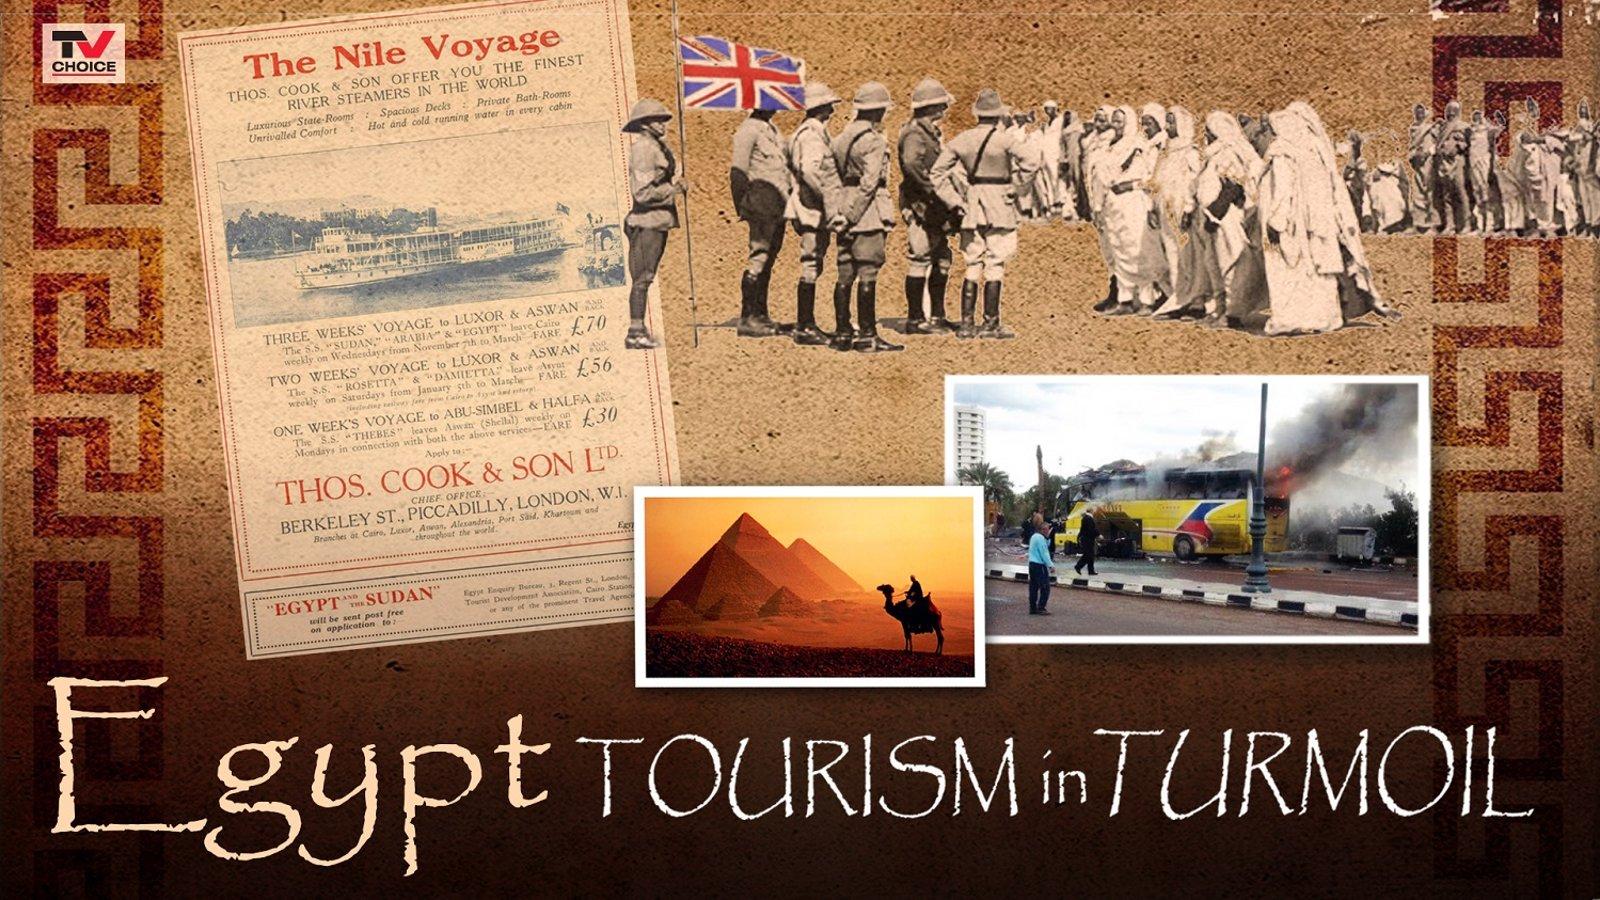 Egypt: Tourism In Turmoil